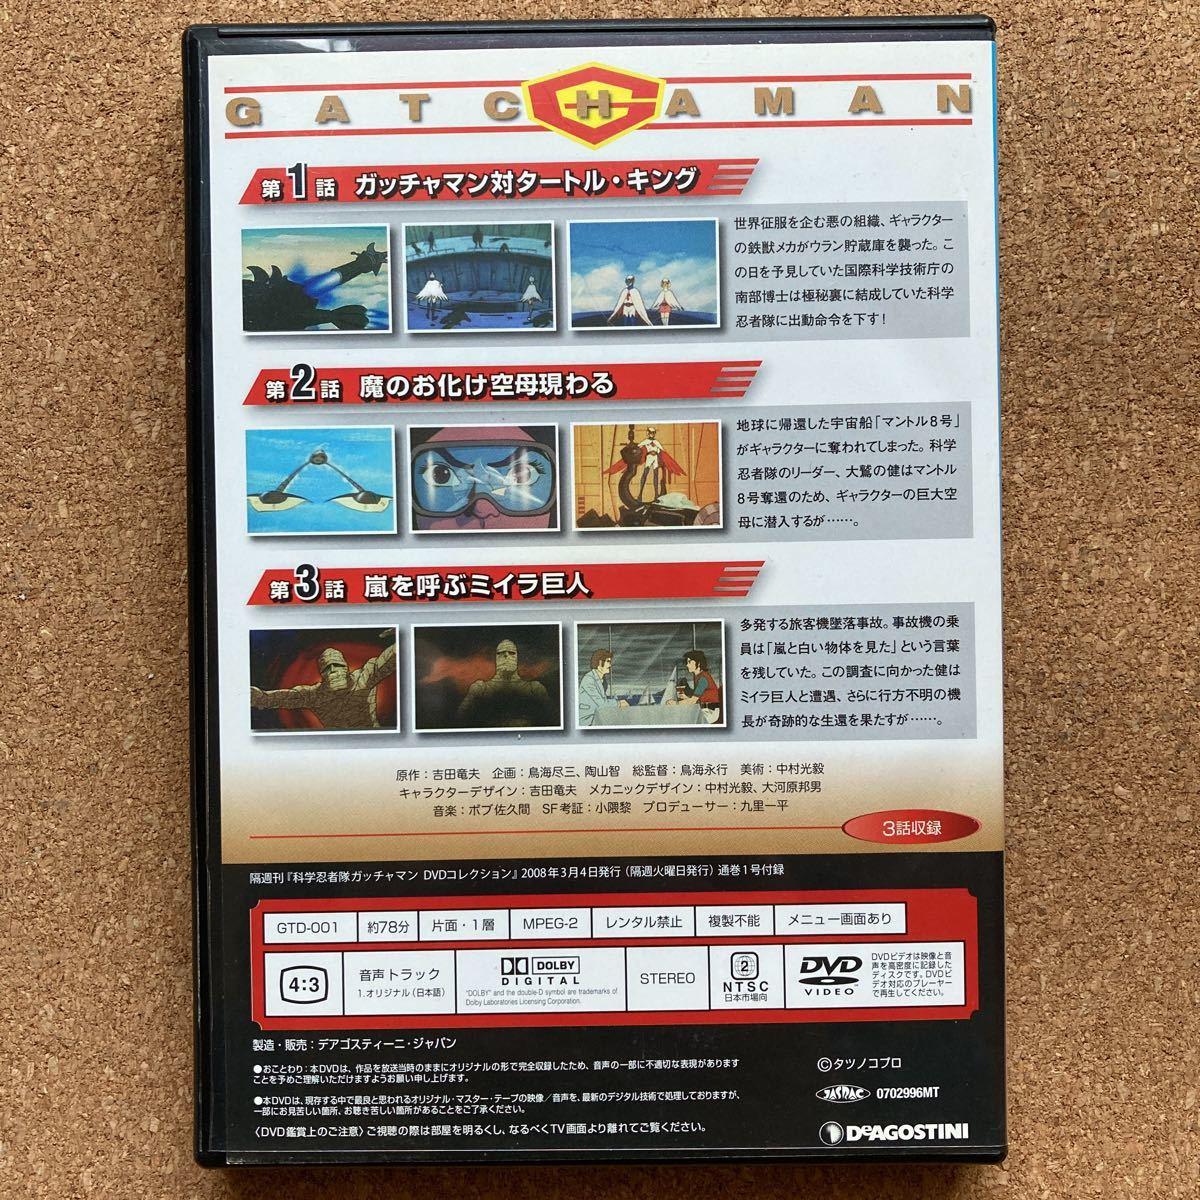 DVD 科学忍者隊ガッチャマン Vol.1